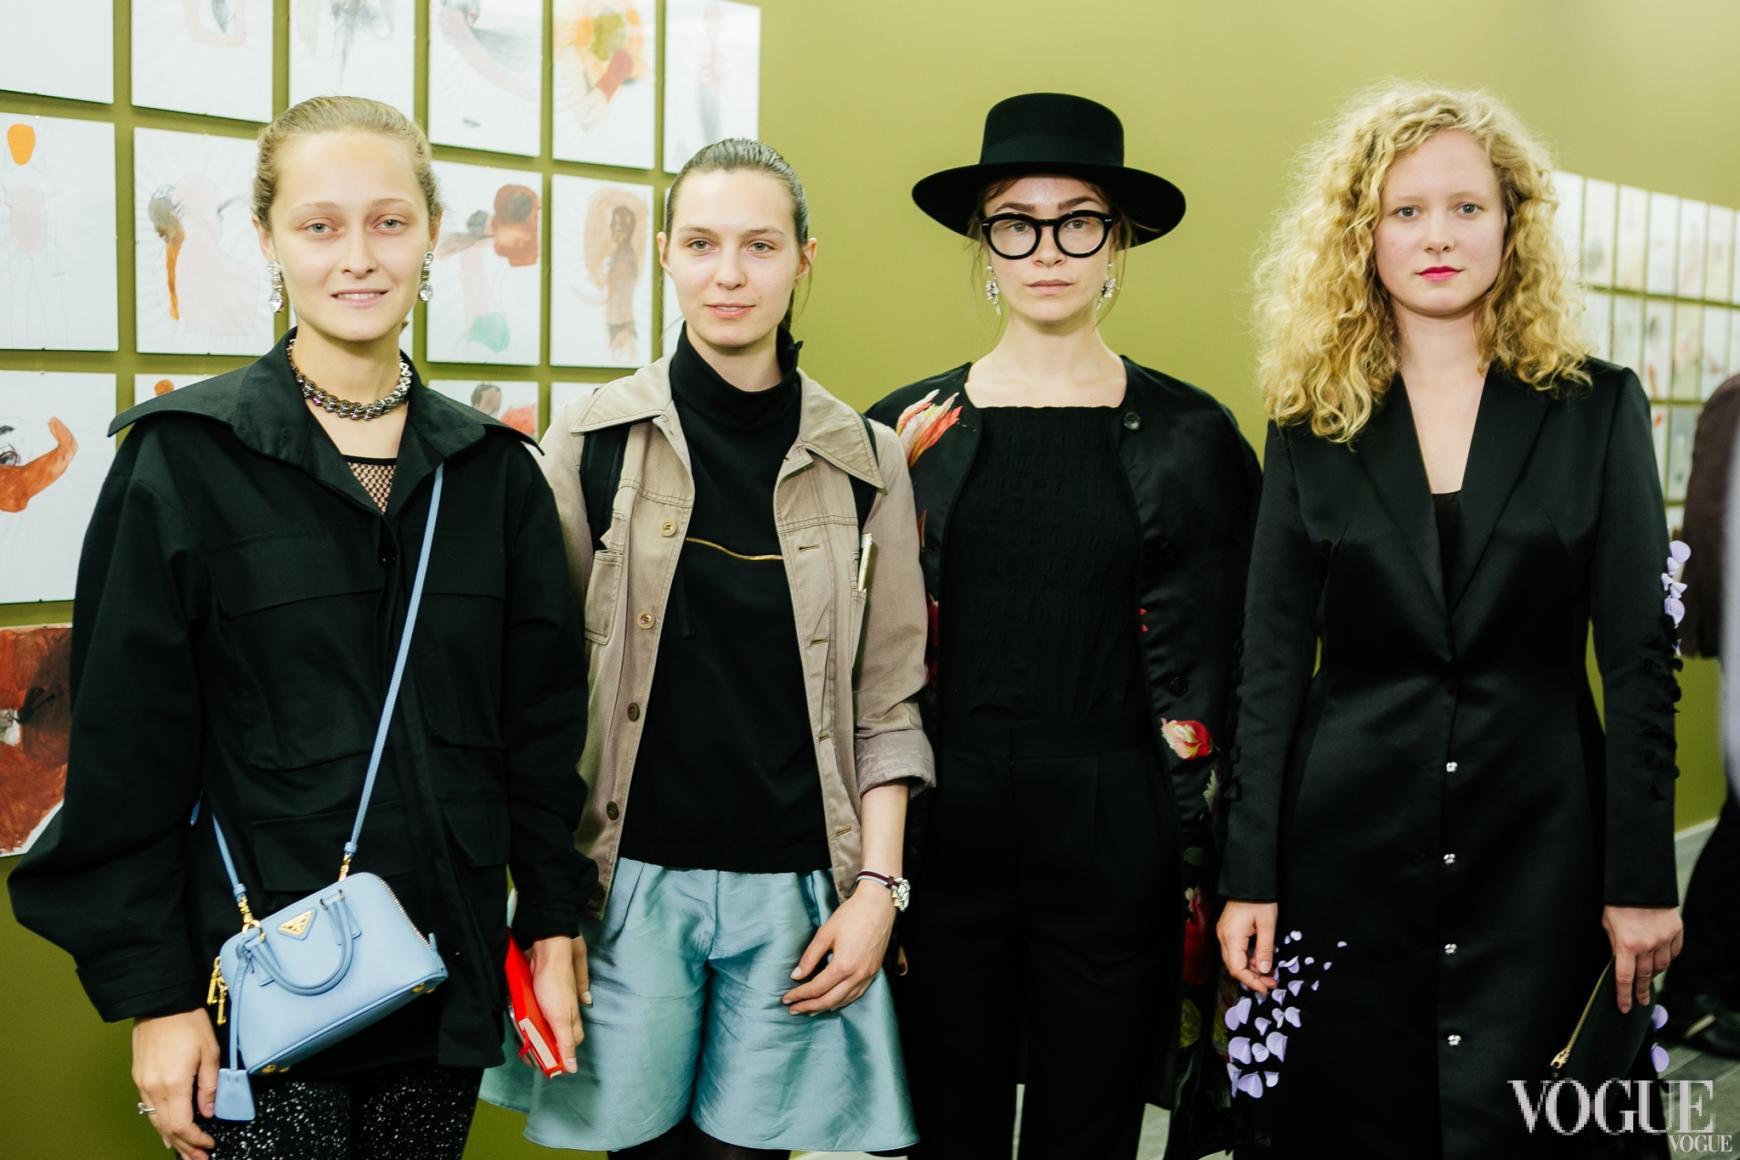 Даша Шаповалова, Наталья Моденова, Надя Шаповал, Анна Октябрь